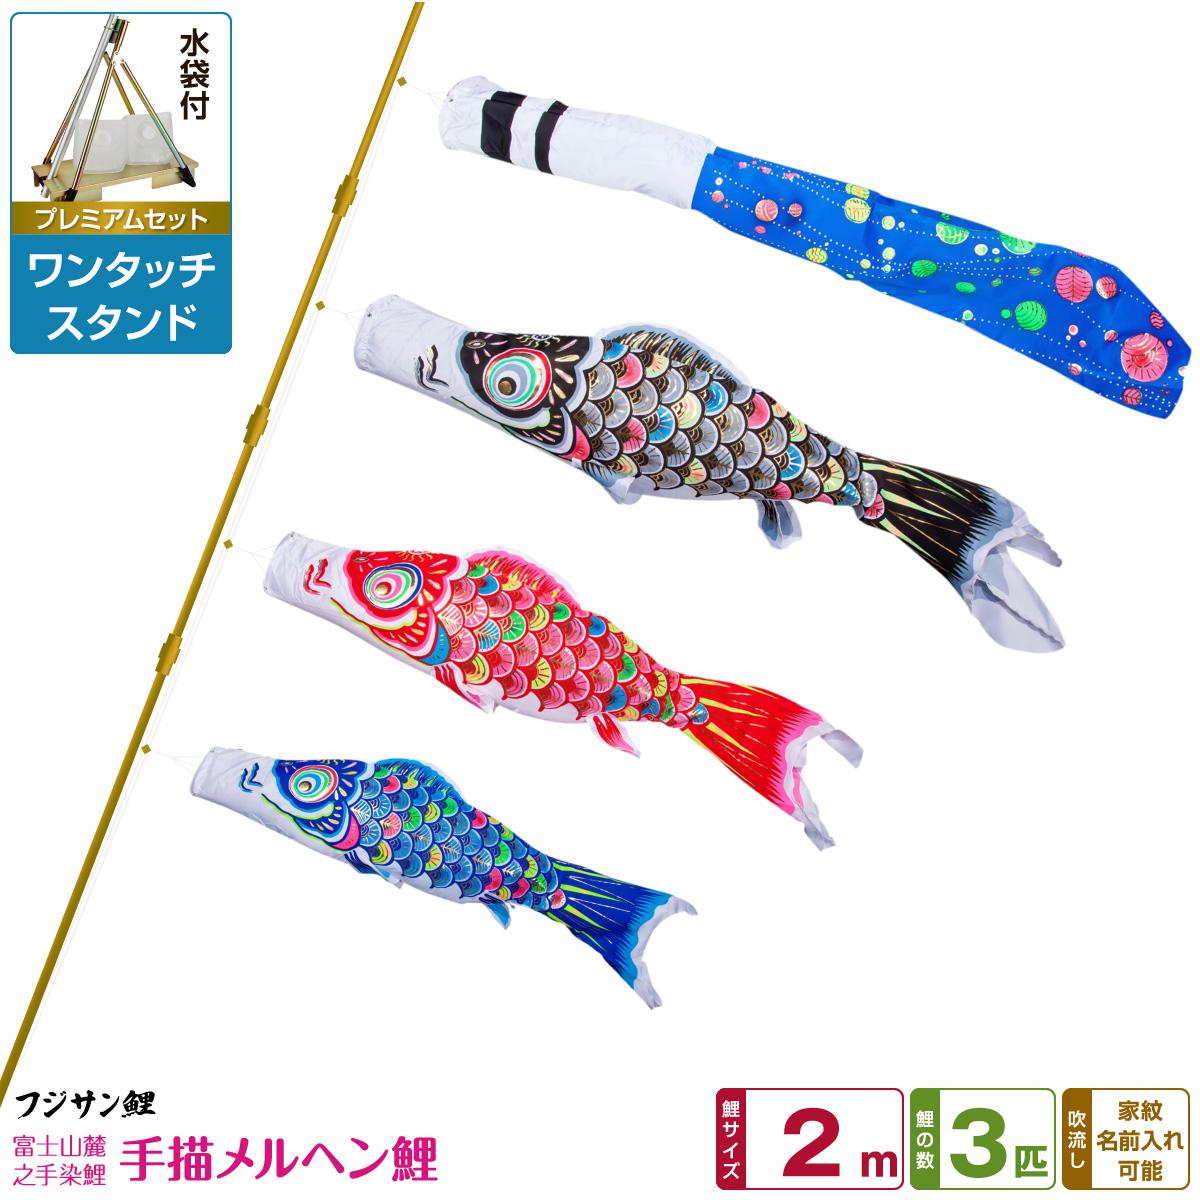 ベランダ用 こいのぼり 鯉のぼり フジサン鯉 手描メルヘン鯉 2m 6点(吹流し+鯉3匹+矢車+ロープ)/プレミアムセット(ワンタッチスタンド)